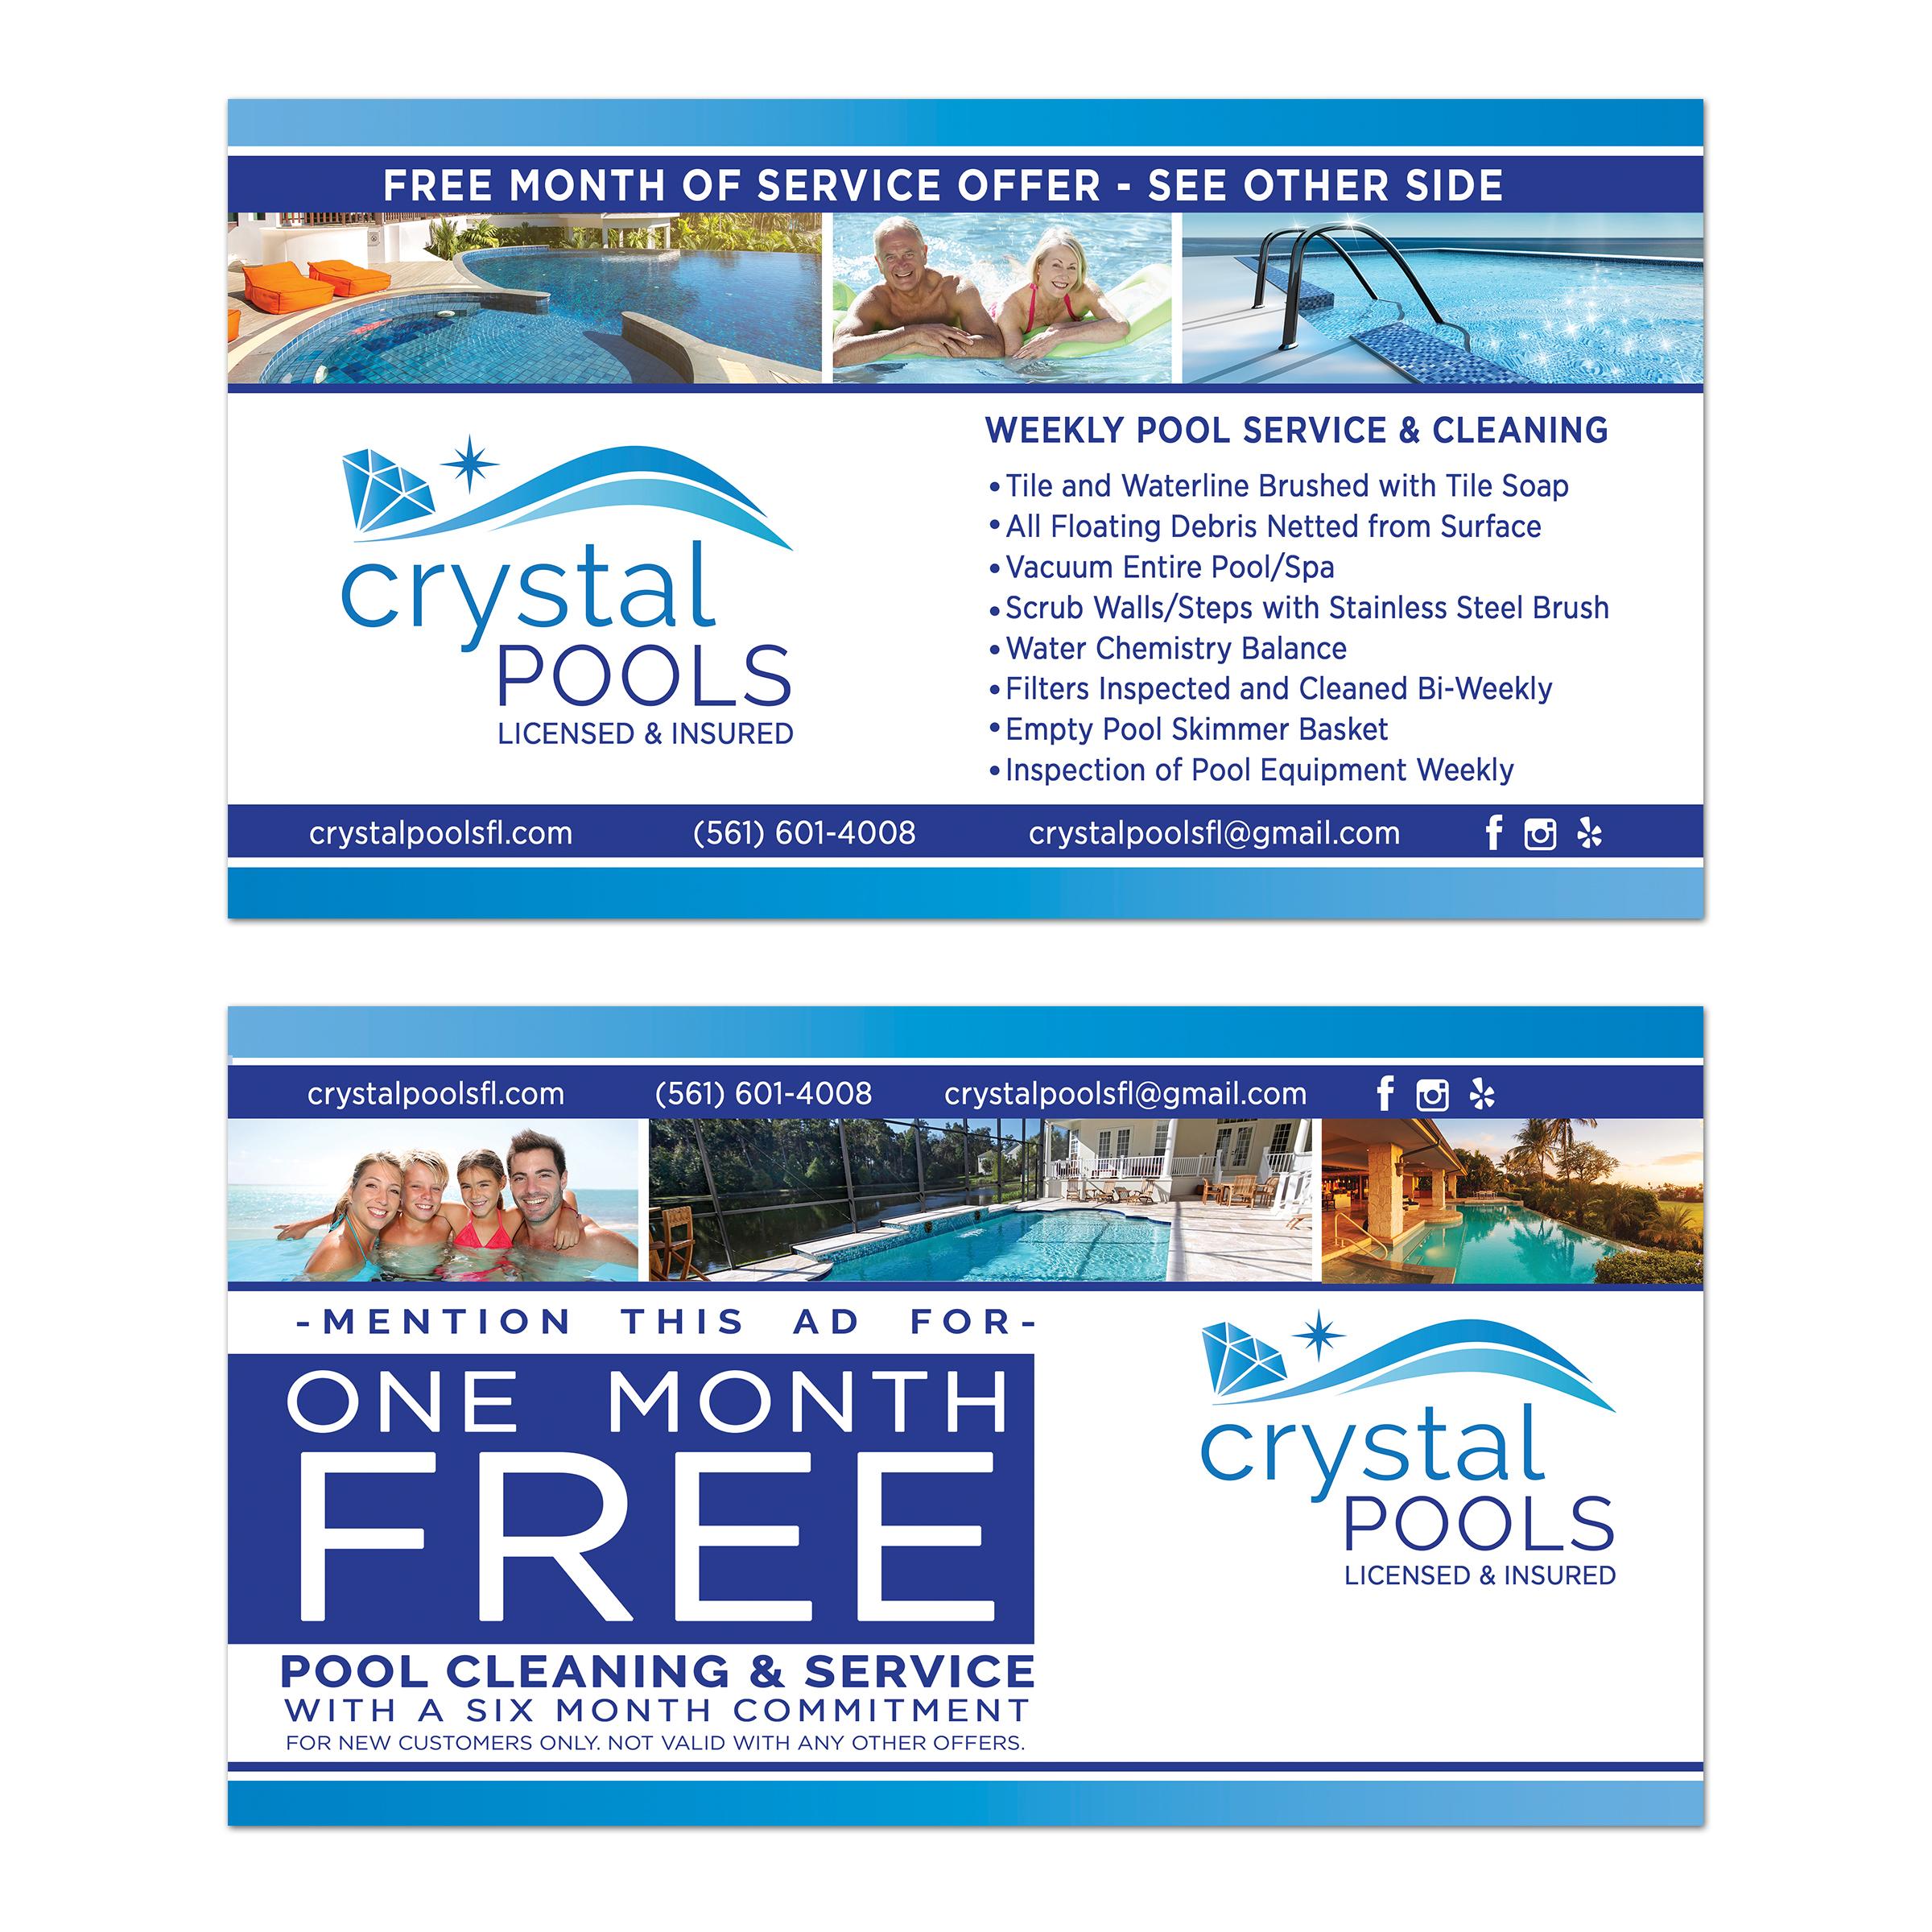 Crystal Pools Postcard Design